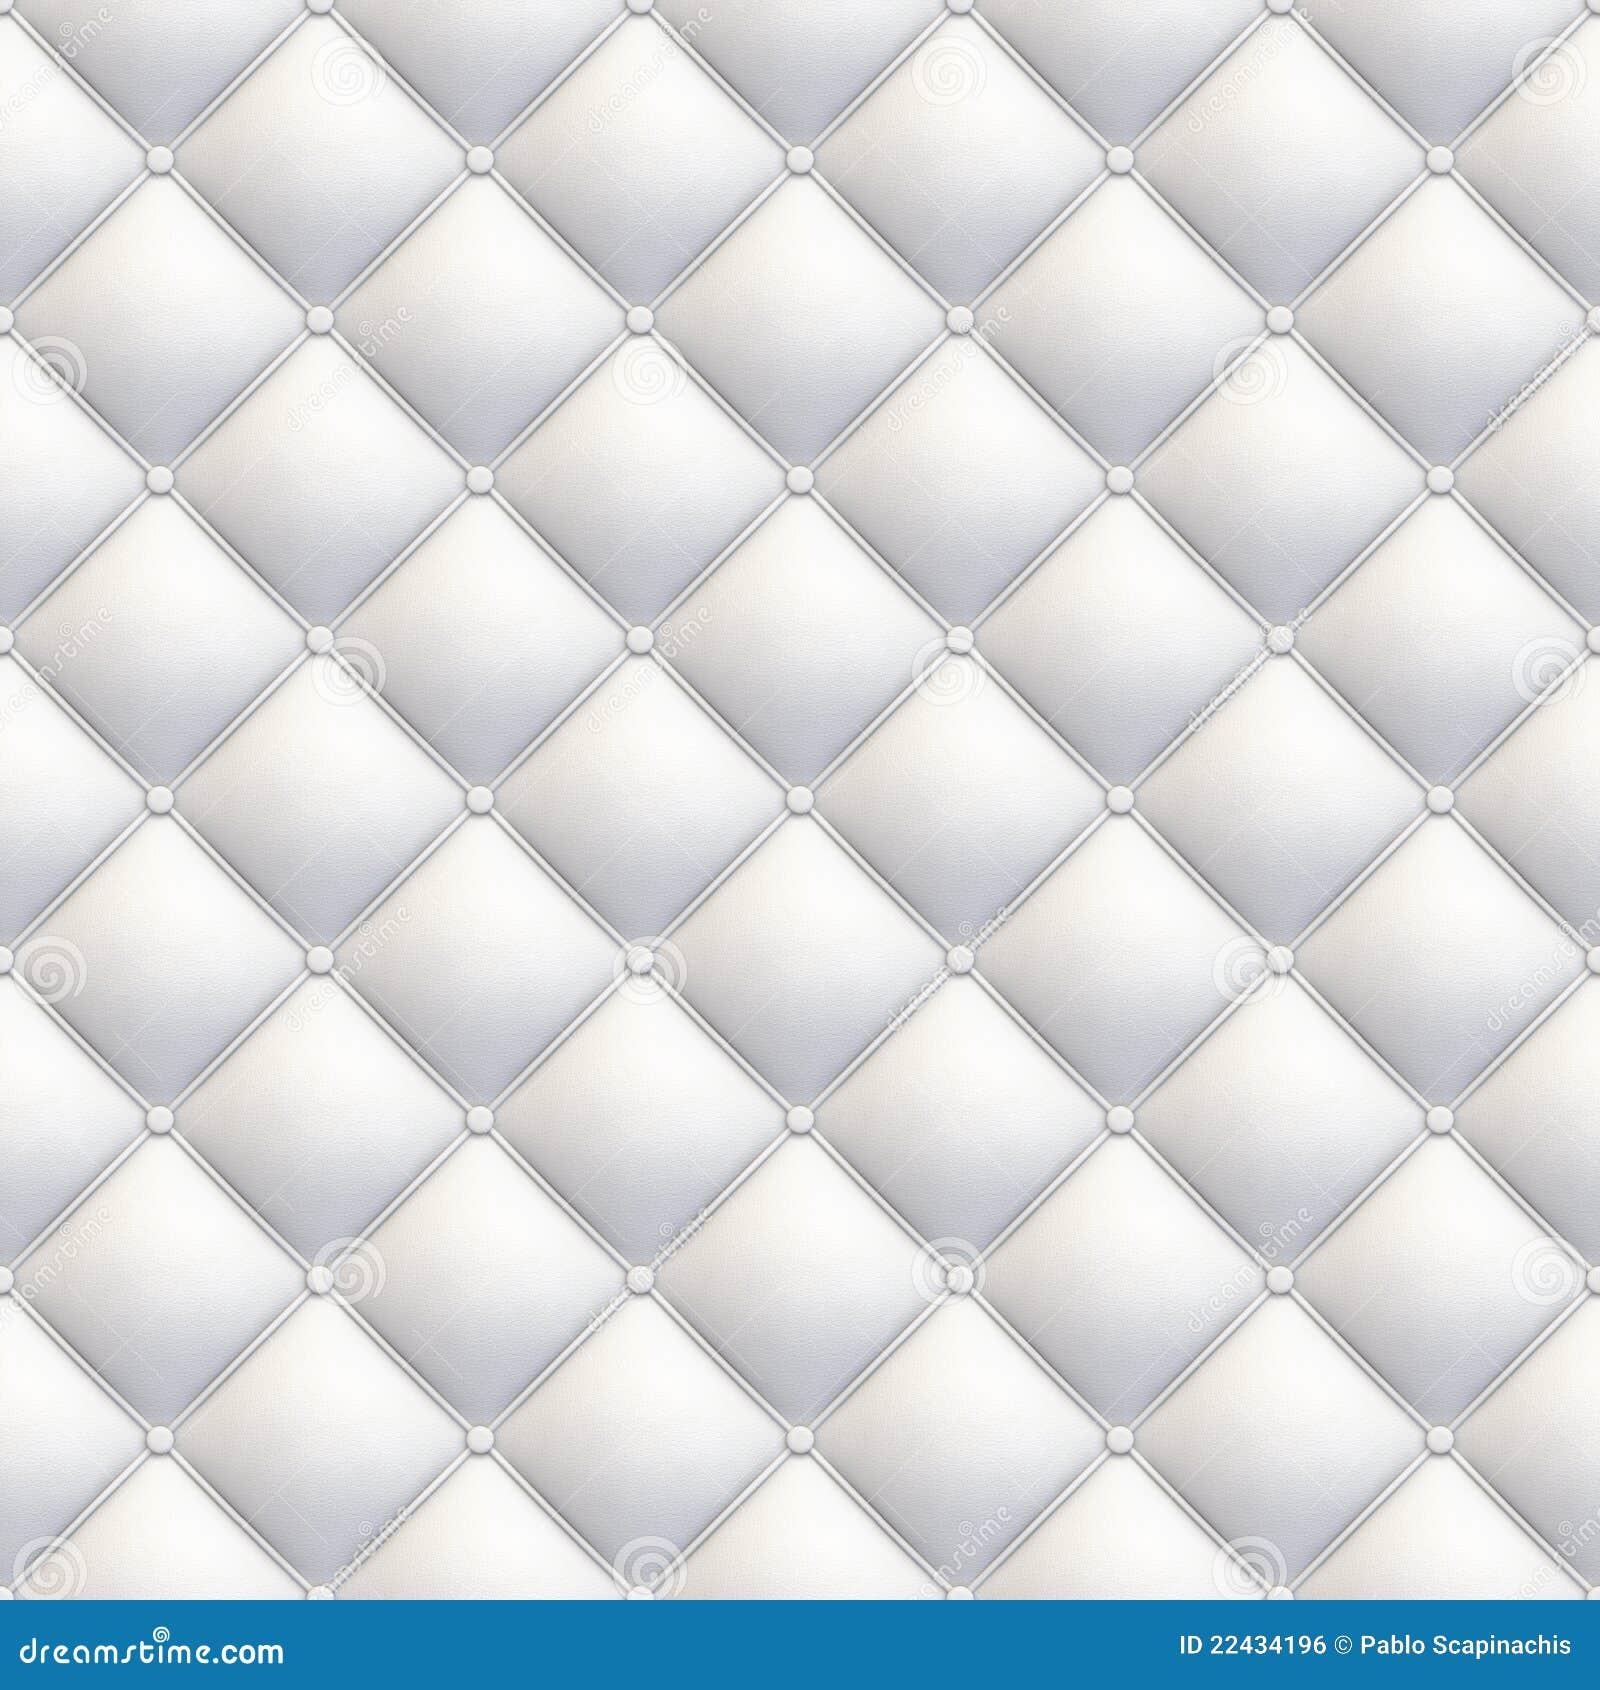 Capitonnage De Cuir Blanc Sans Joint Image libre de droits  : capitonnage de cuir blanc sans joint 22434196 from fr.dreamstime.com size 1300 x 1390 jpeg 151kB